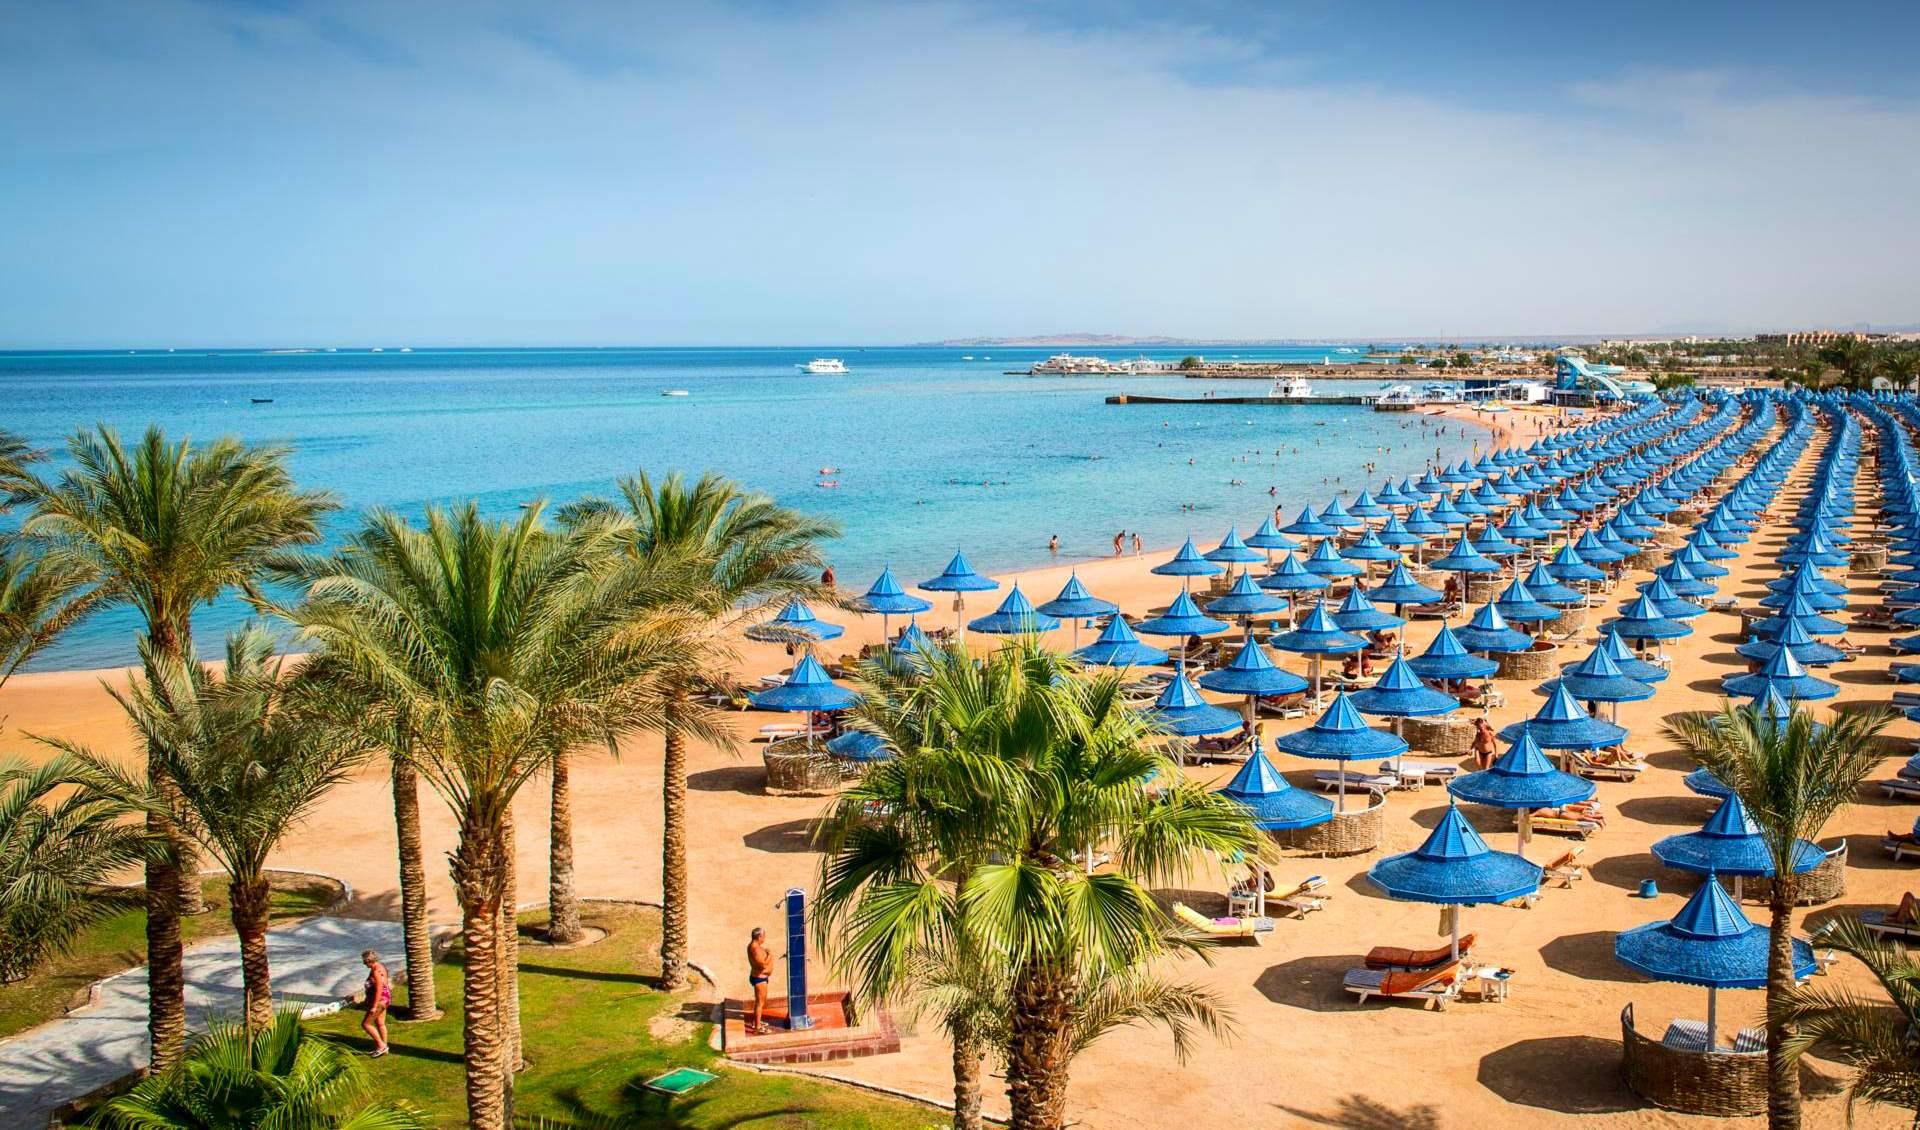 картинка фотография курорта Хургада в Египте